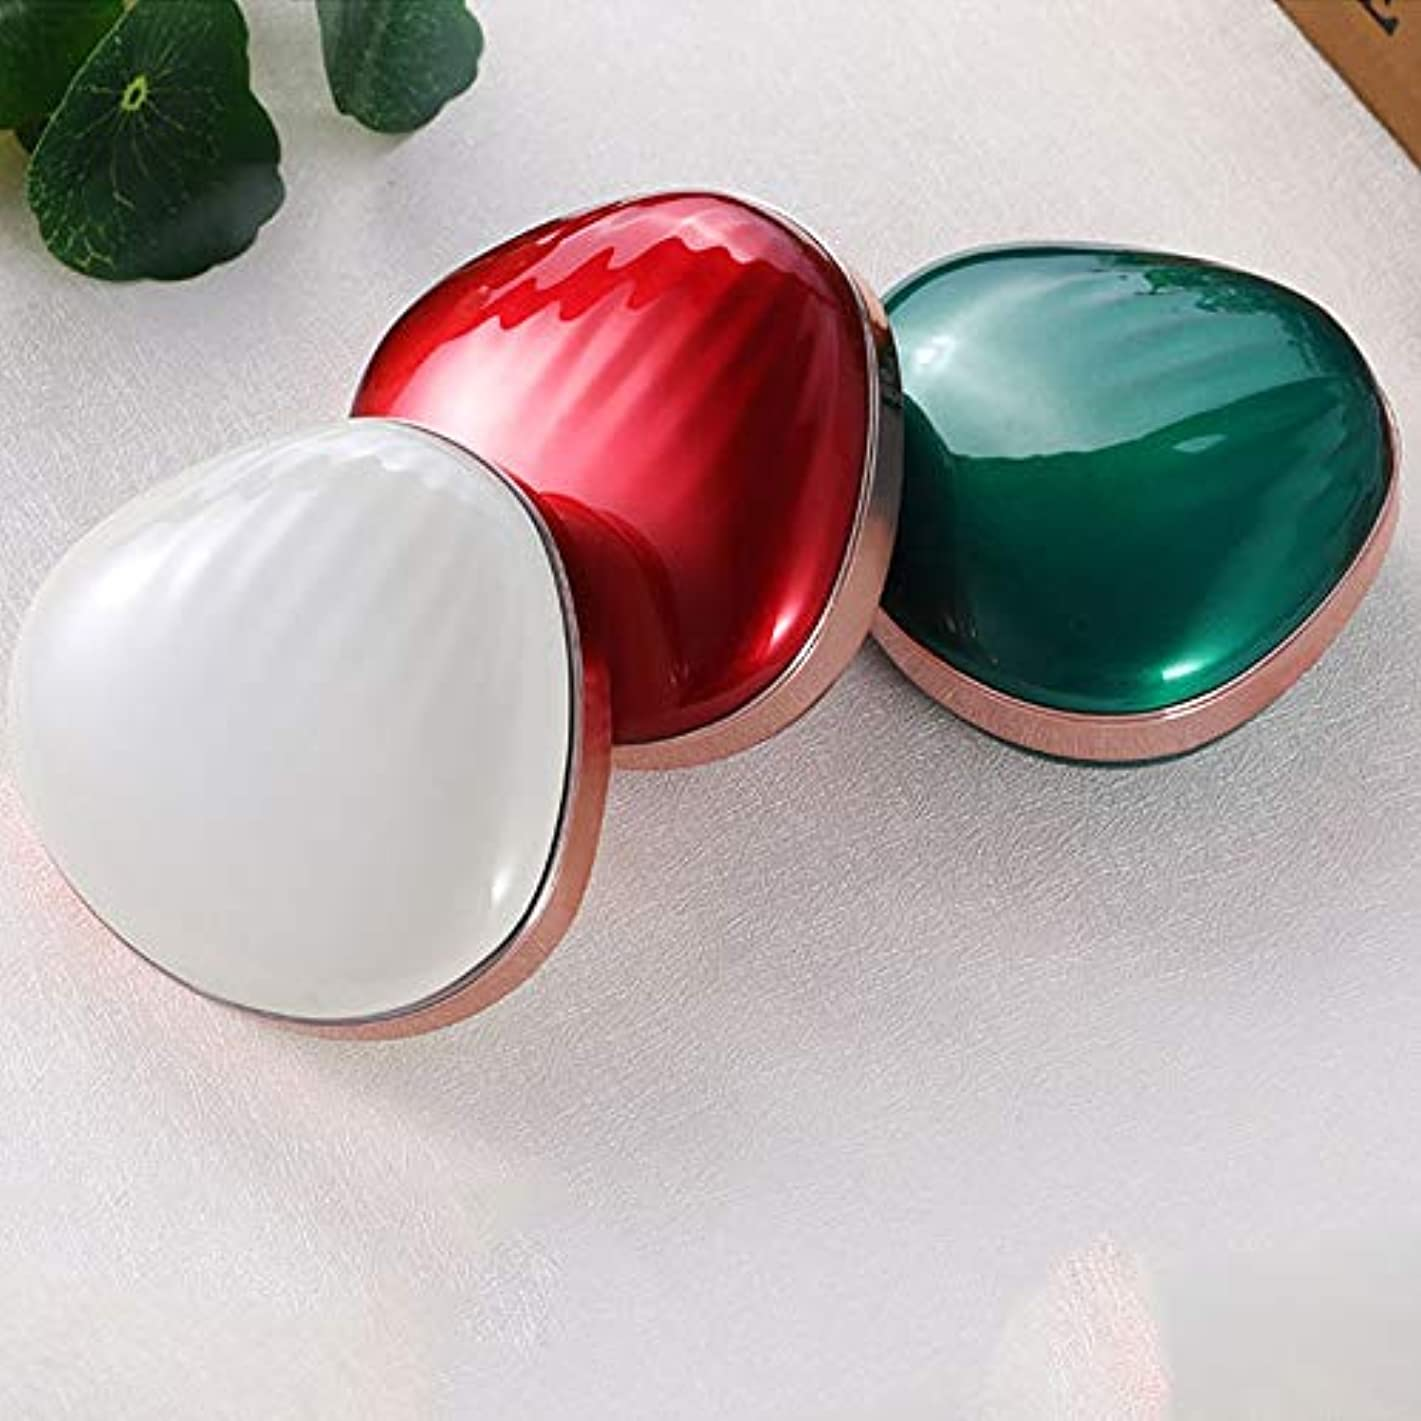 嘆くシプリー兵器庫流行の 新しいクリエイティブLEDソフトアイメイクミラー多機能塗りつぶし充電宝メイクアップミラー美容ミラーABSアルミ3レッドブルーホワイト (色 : Green)